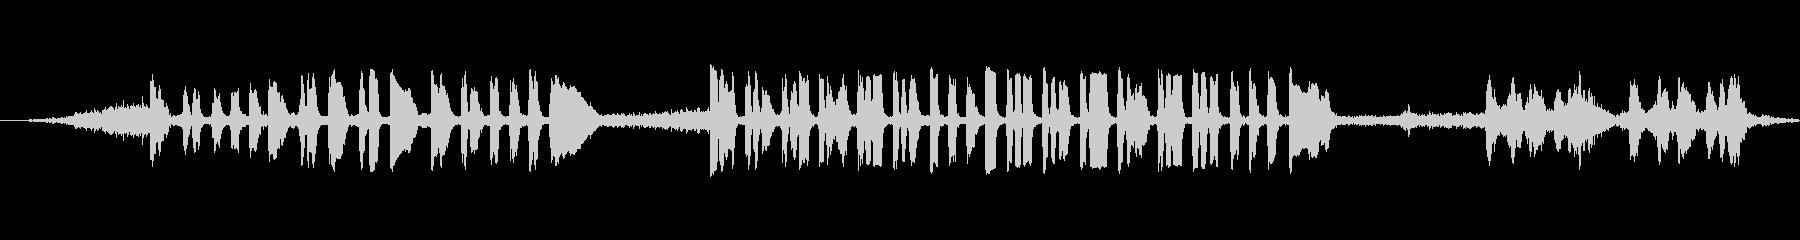 コルネチン0-50を注文するの未再生の波形